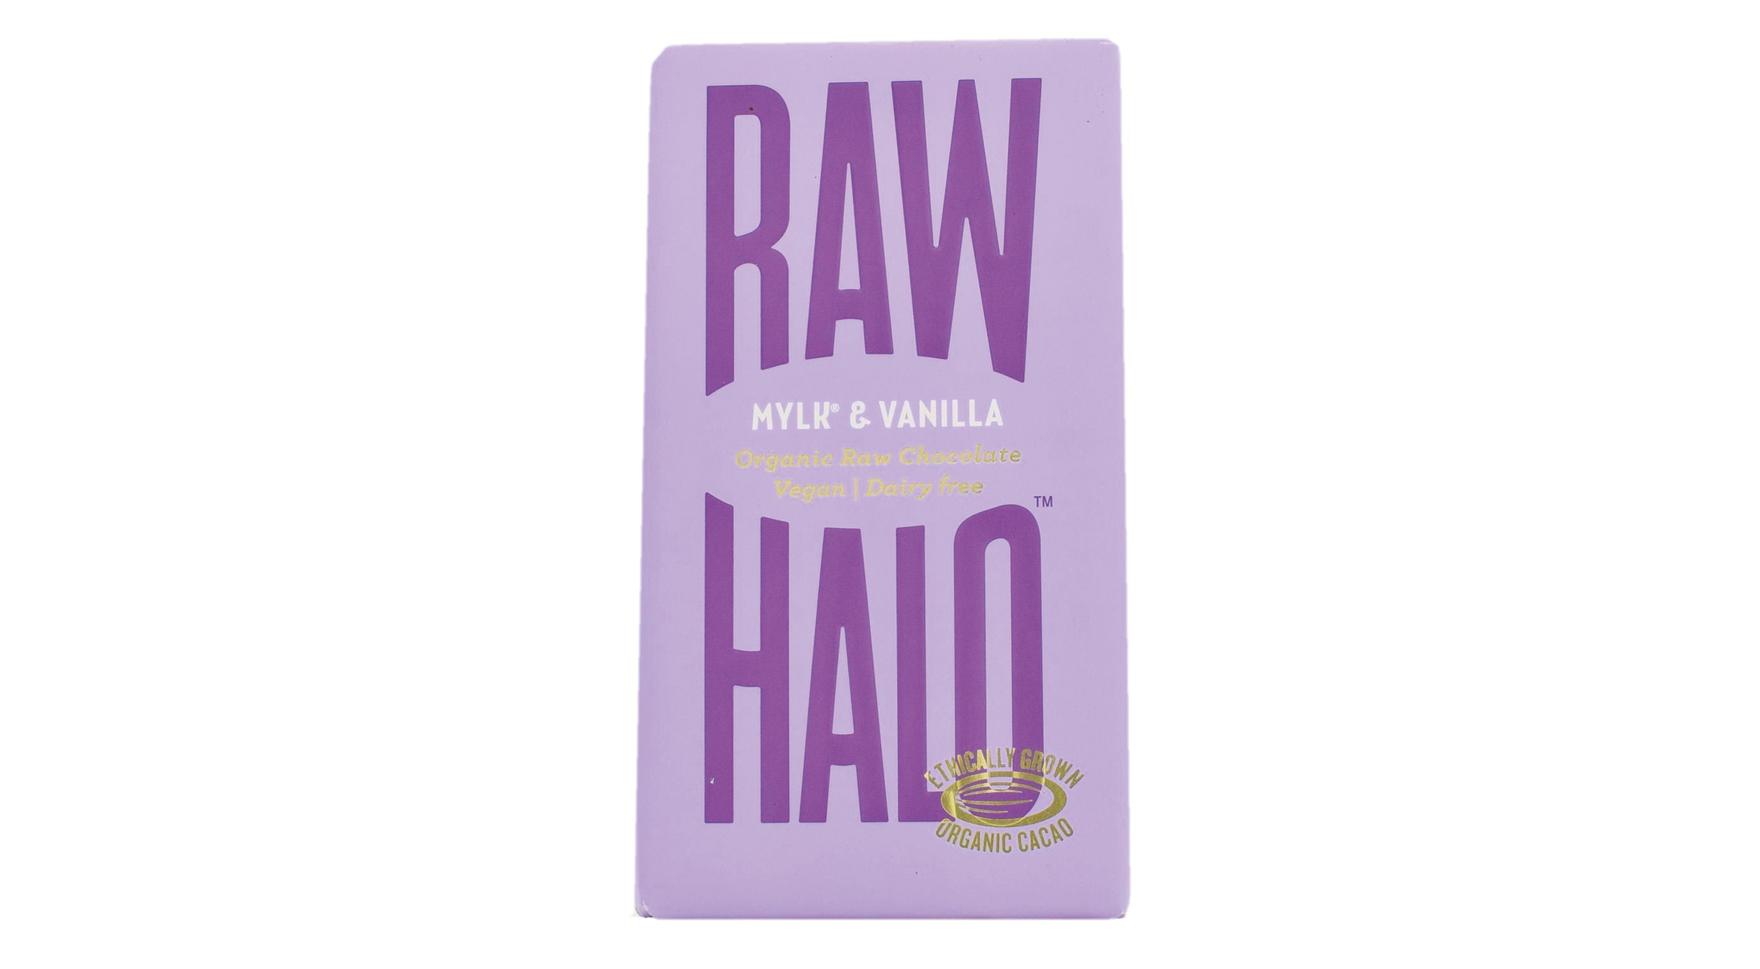 Tableta de chocolate ecológico puro con MYLK y vainilla Raw Halo (7)